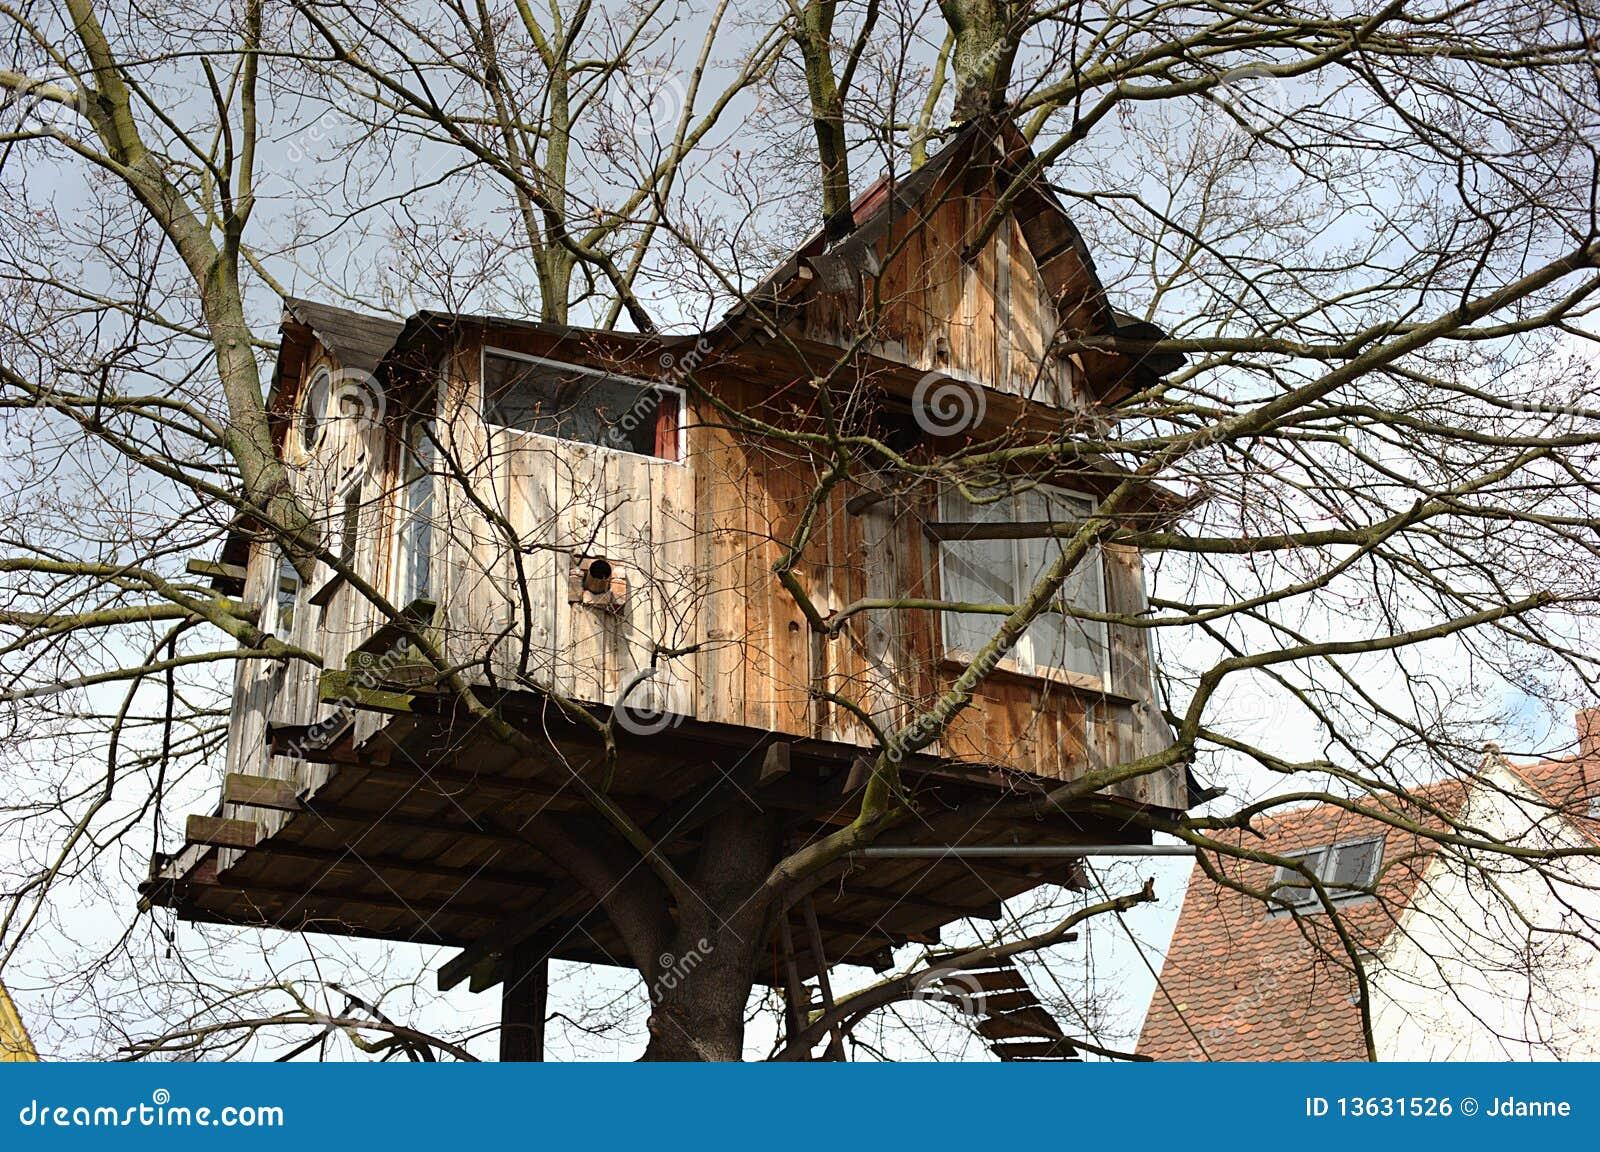 maison d 39 arbre photo stock image du ressort amusement 13631526. Black Bedroom Furniture Sets. Home Design Ideas